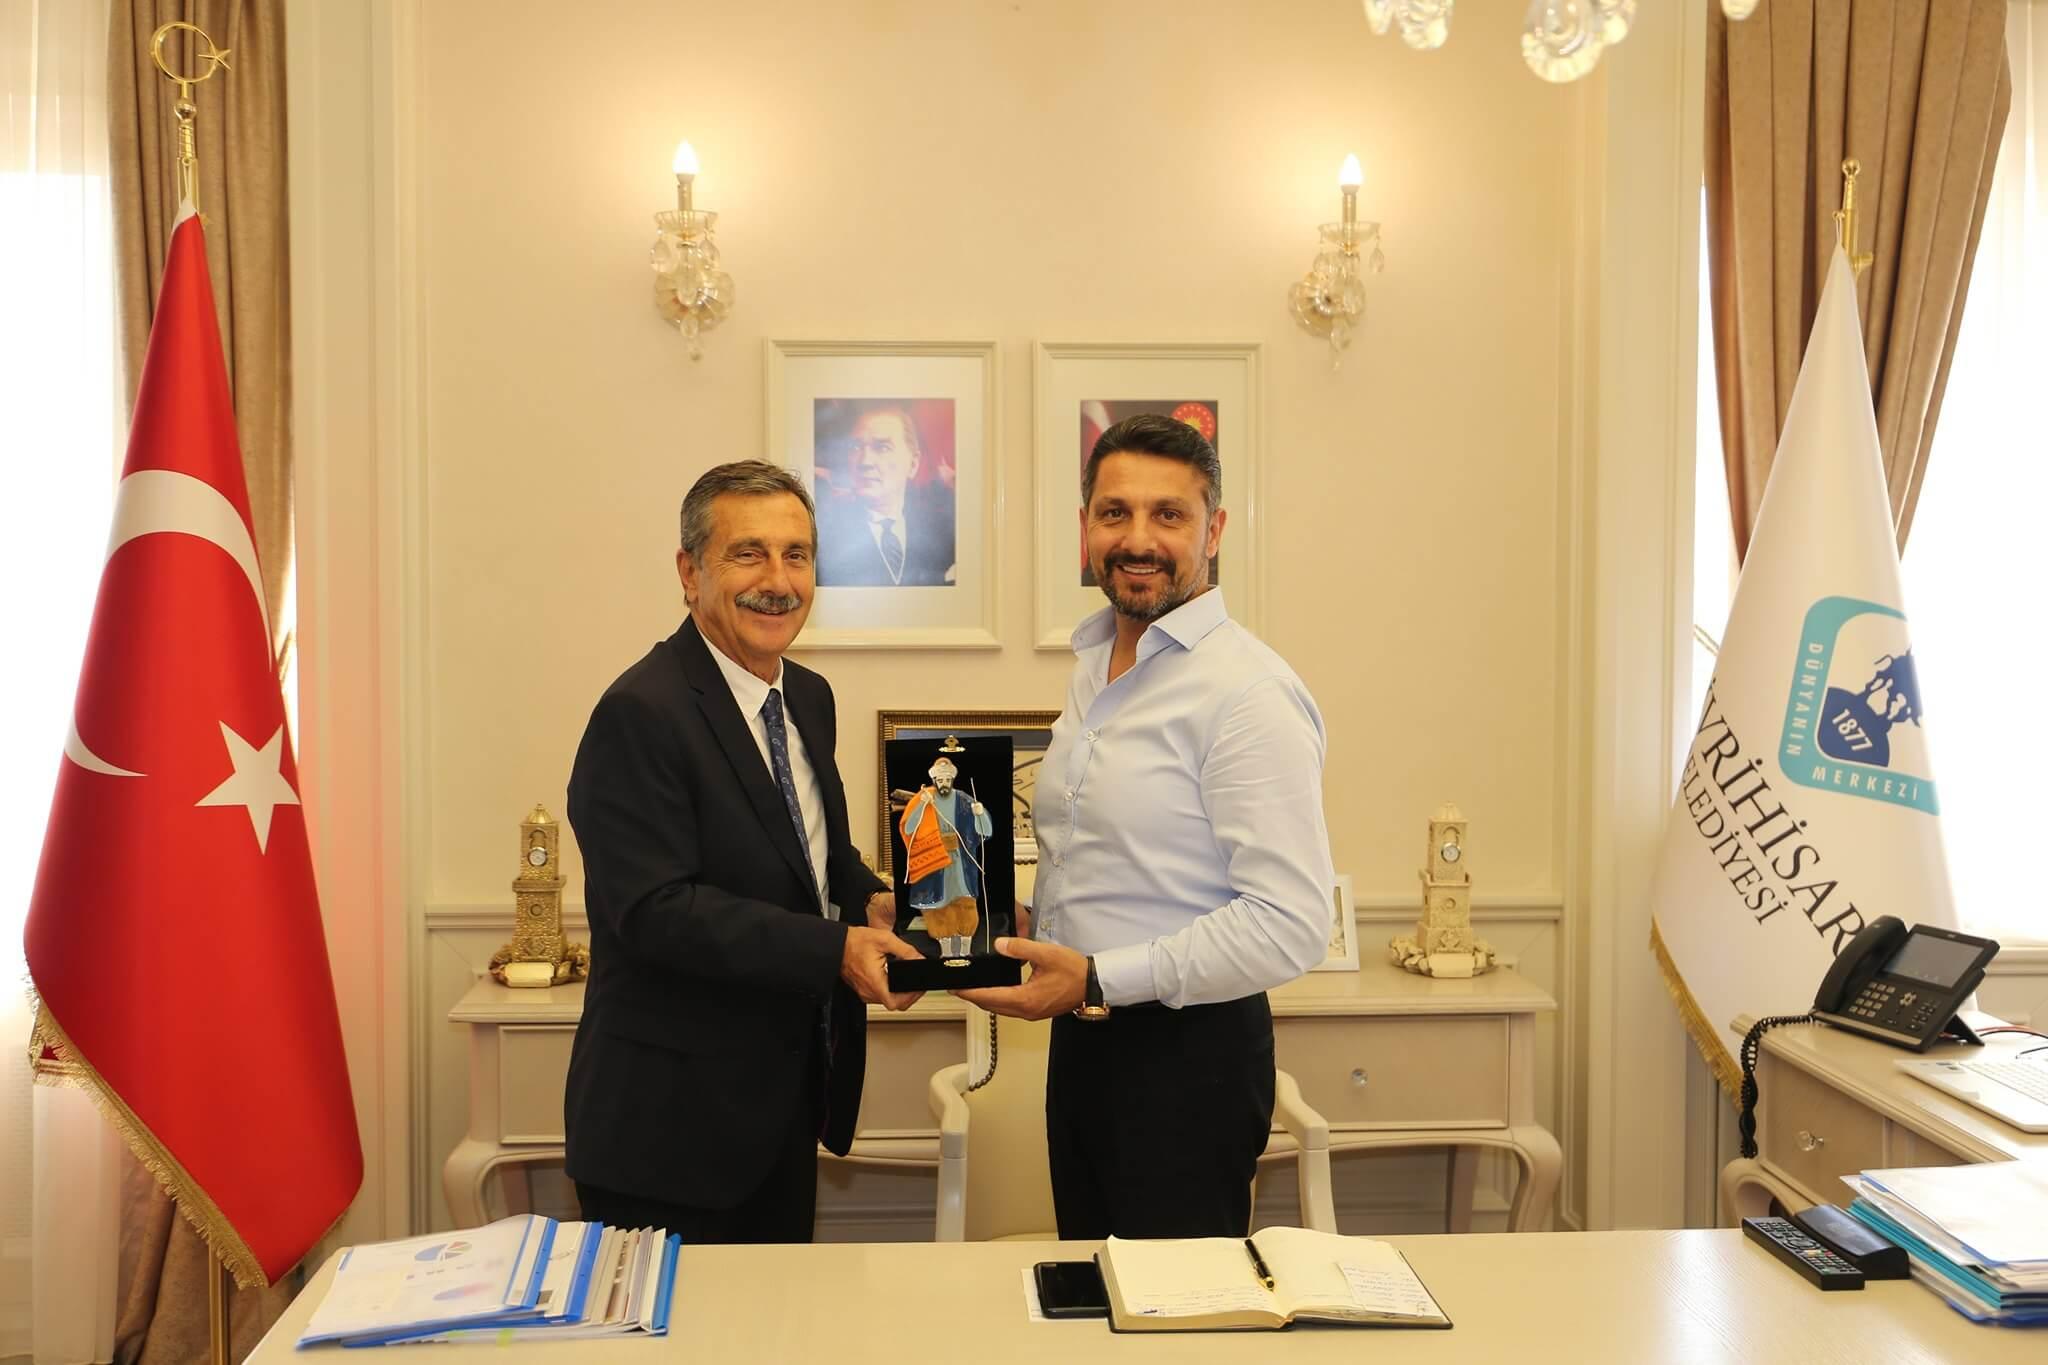 Eskişehir Tepebaşı Belediye Başkanı Sayın Ahmet Ataç Sivrihisar Belediye Başkanımız Hamid Yüzügüllü'ye Nezaket Ziyaretinde Bulundu.